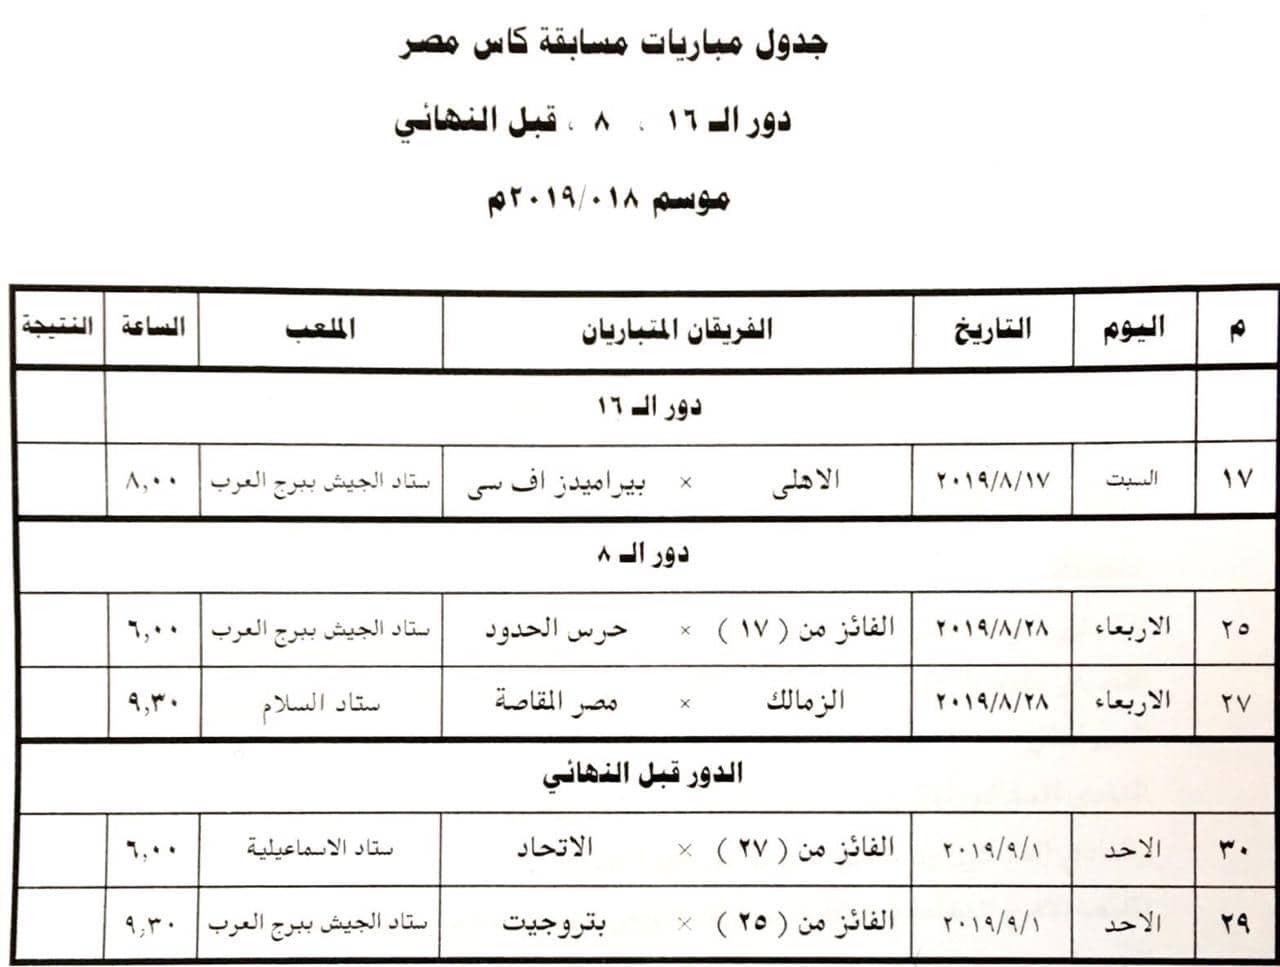 مواعيد مباريات الاهلي والزمالك القادمة في كأس مصر